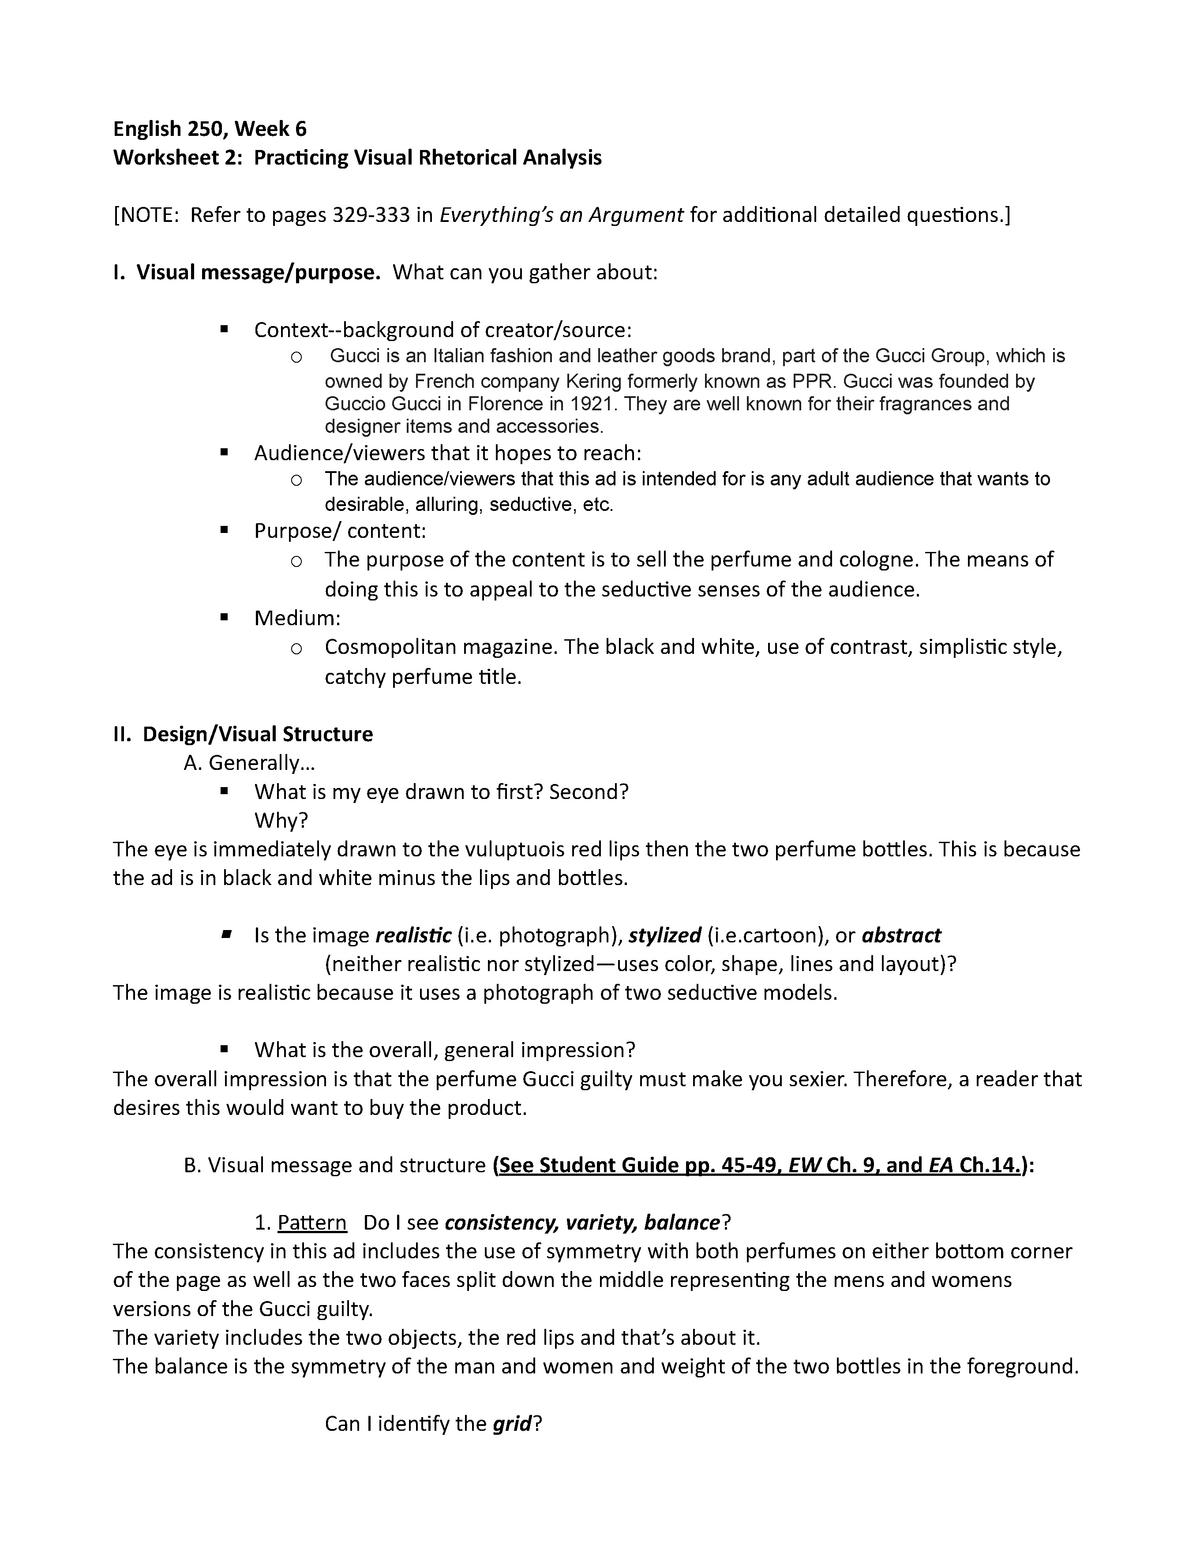 English 250 Visual Rhetorical Analysis Worksheet 2 - ENGL ...